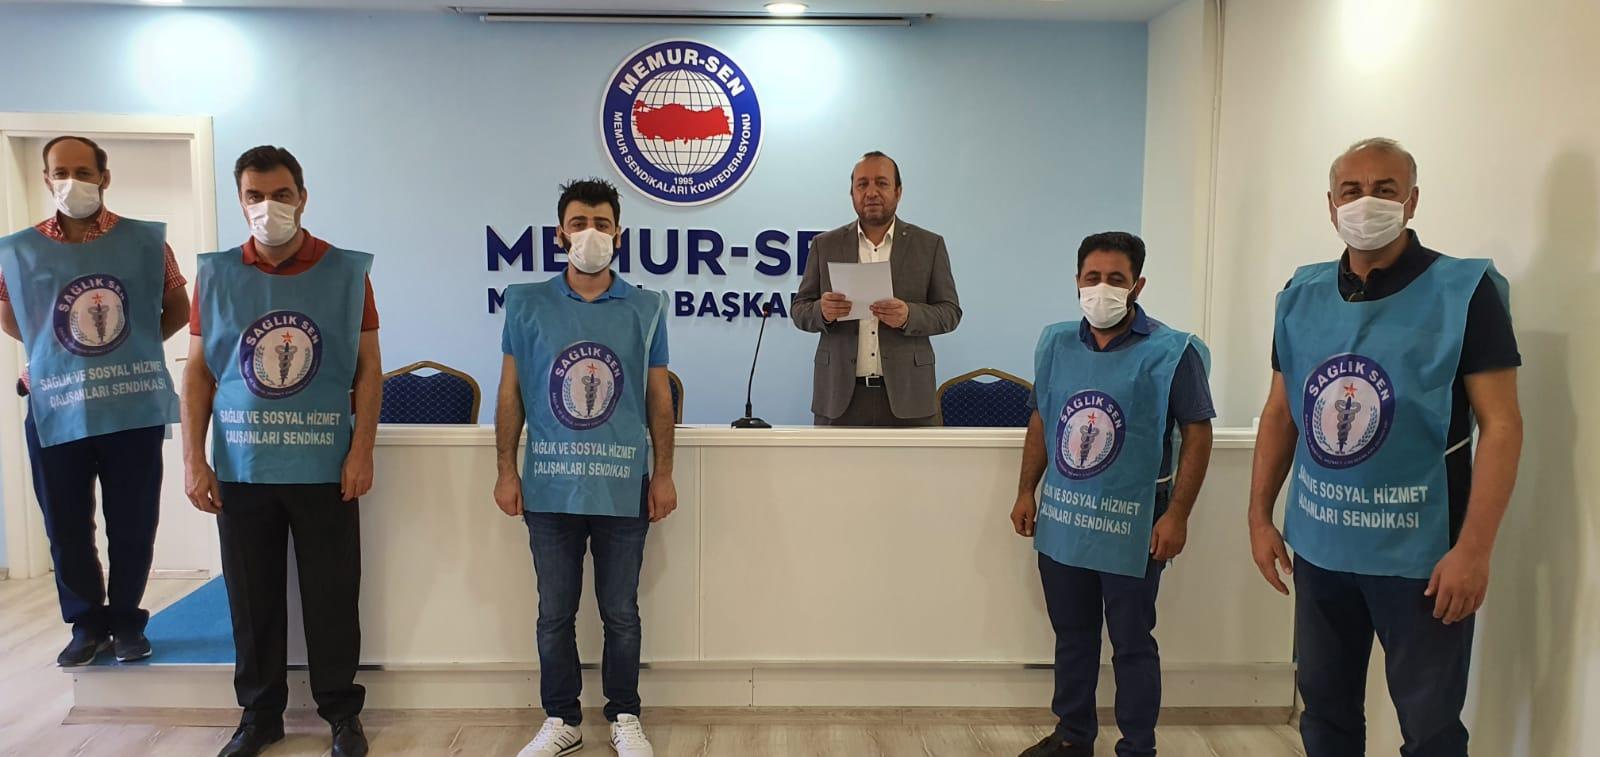 Mardin Sağlık Sen'den 'döner sermaye' tepkisi